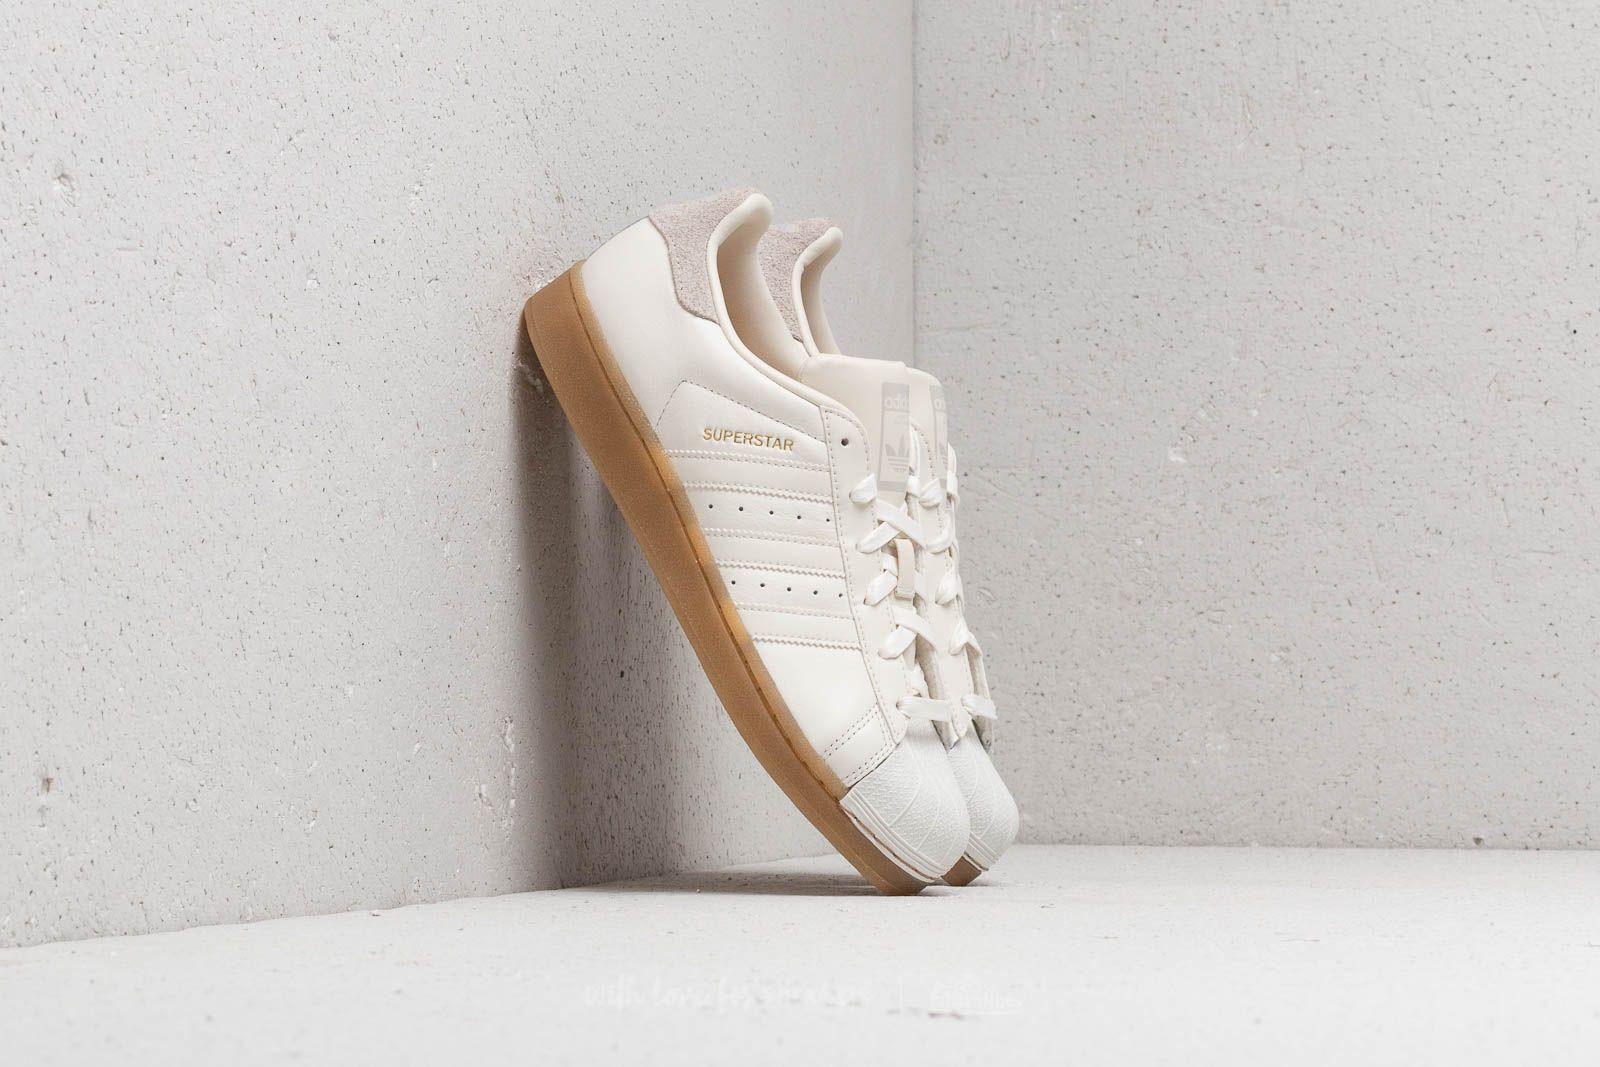 f6754e9a57c47 adidas Superstar W Cloud White  Cloud White  Gum4